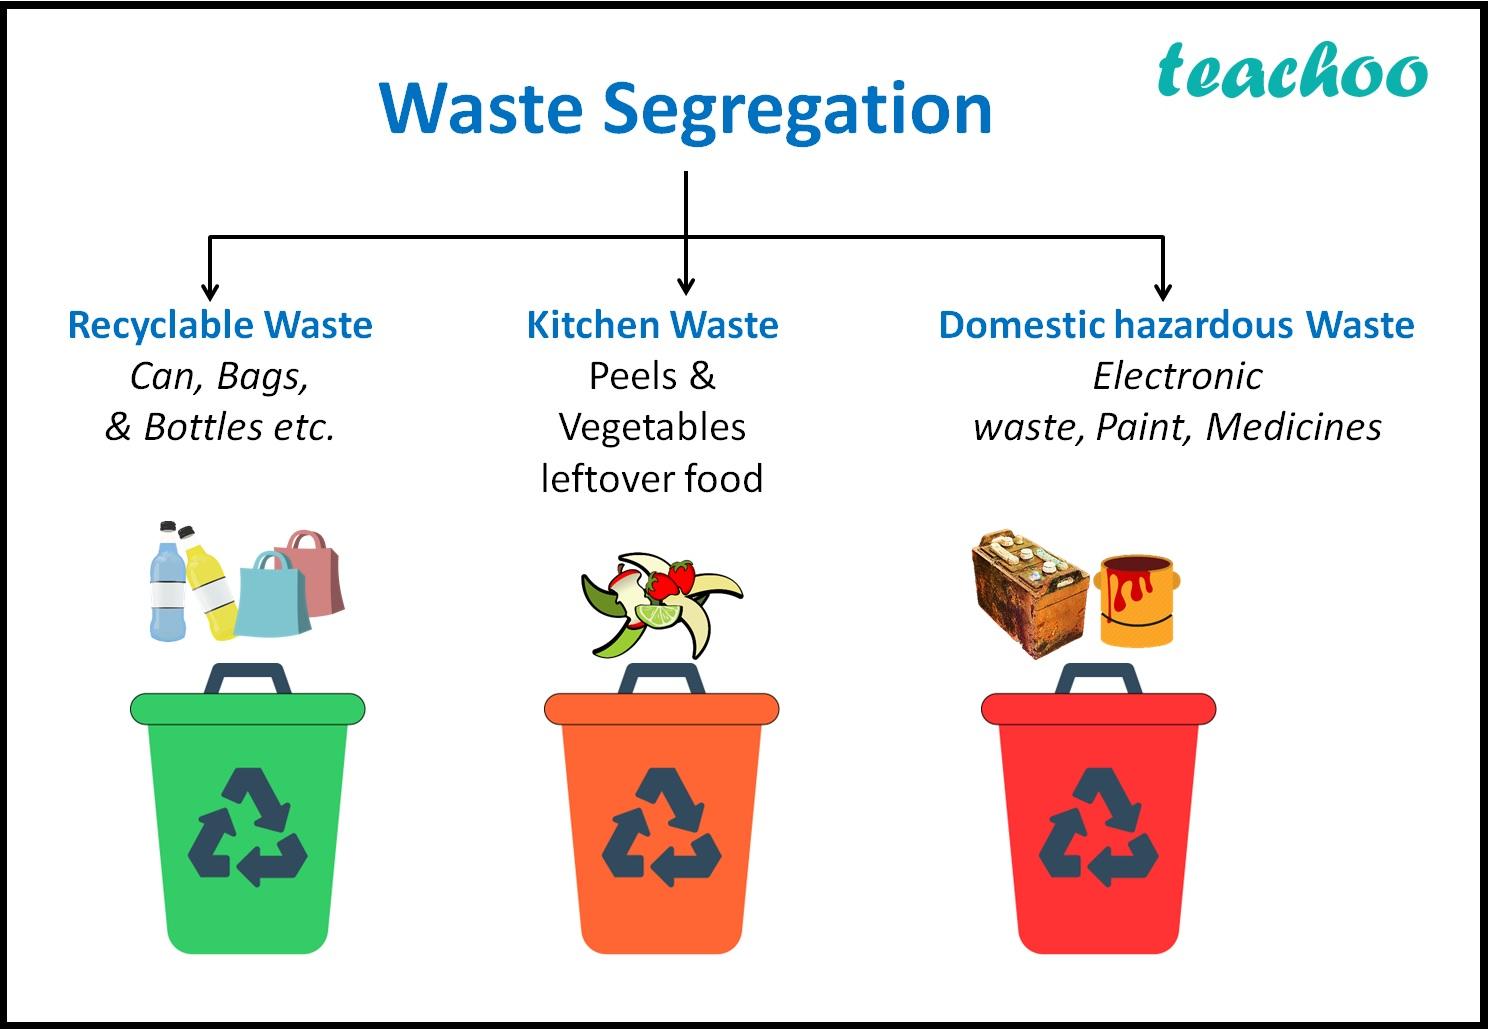 Waste Segregation-Teachoo.jpg